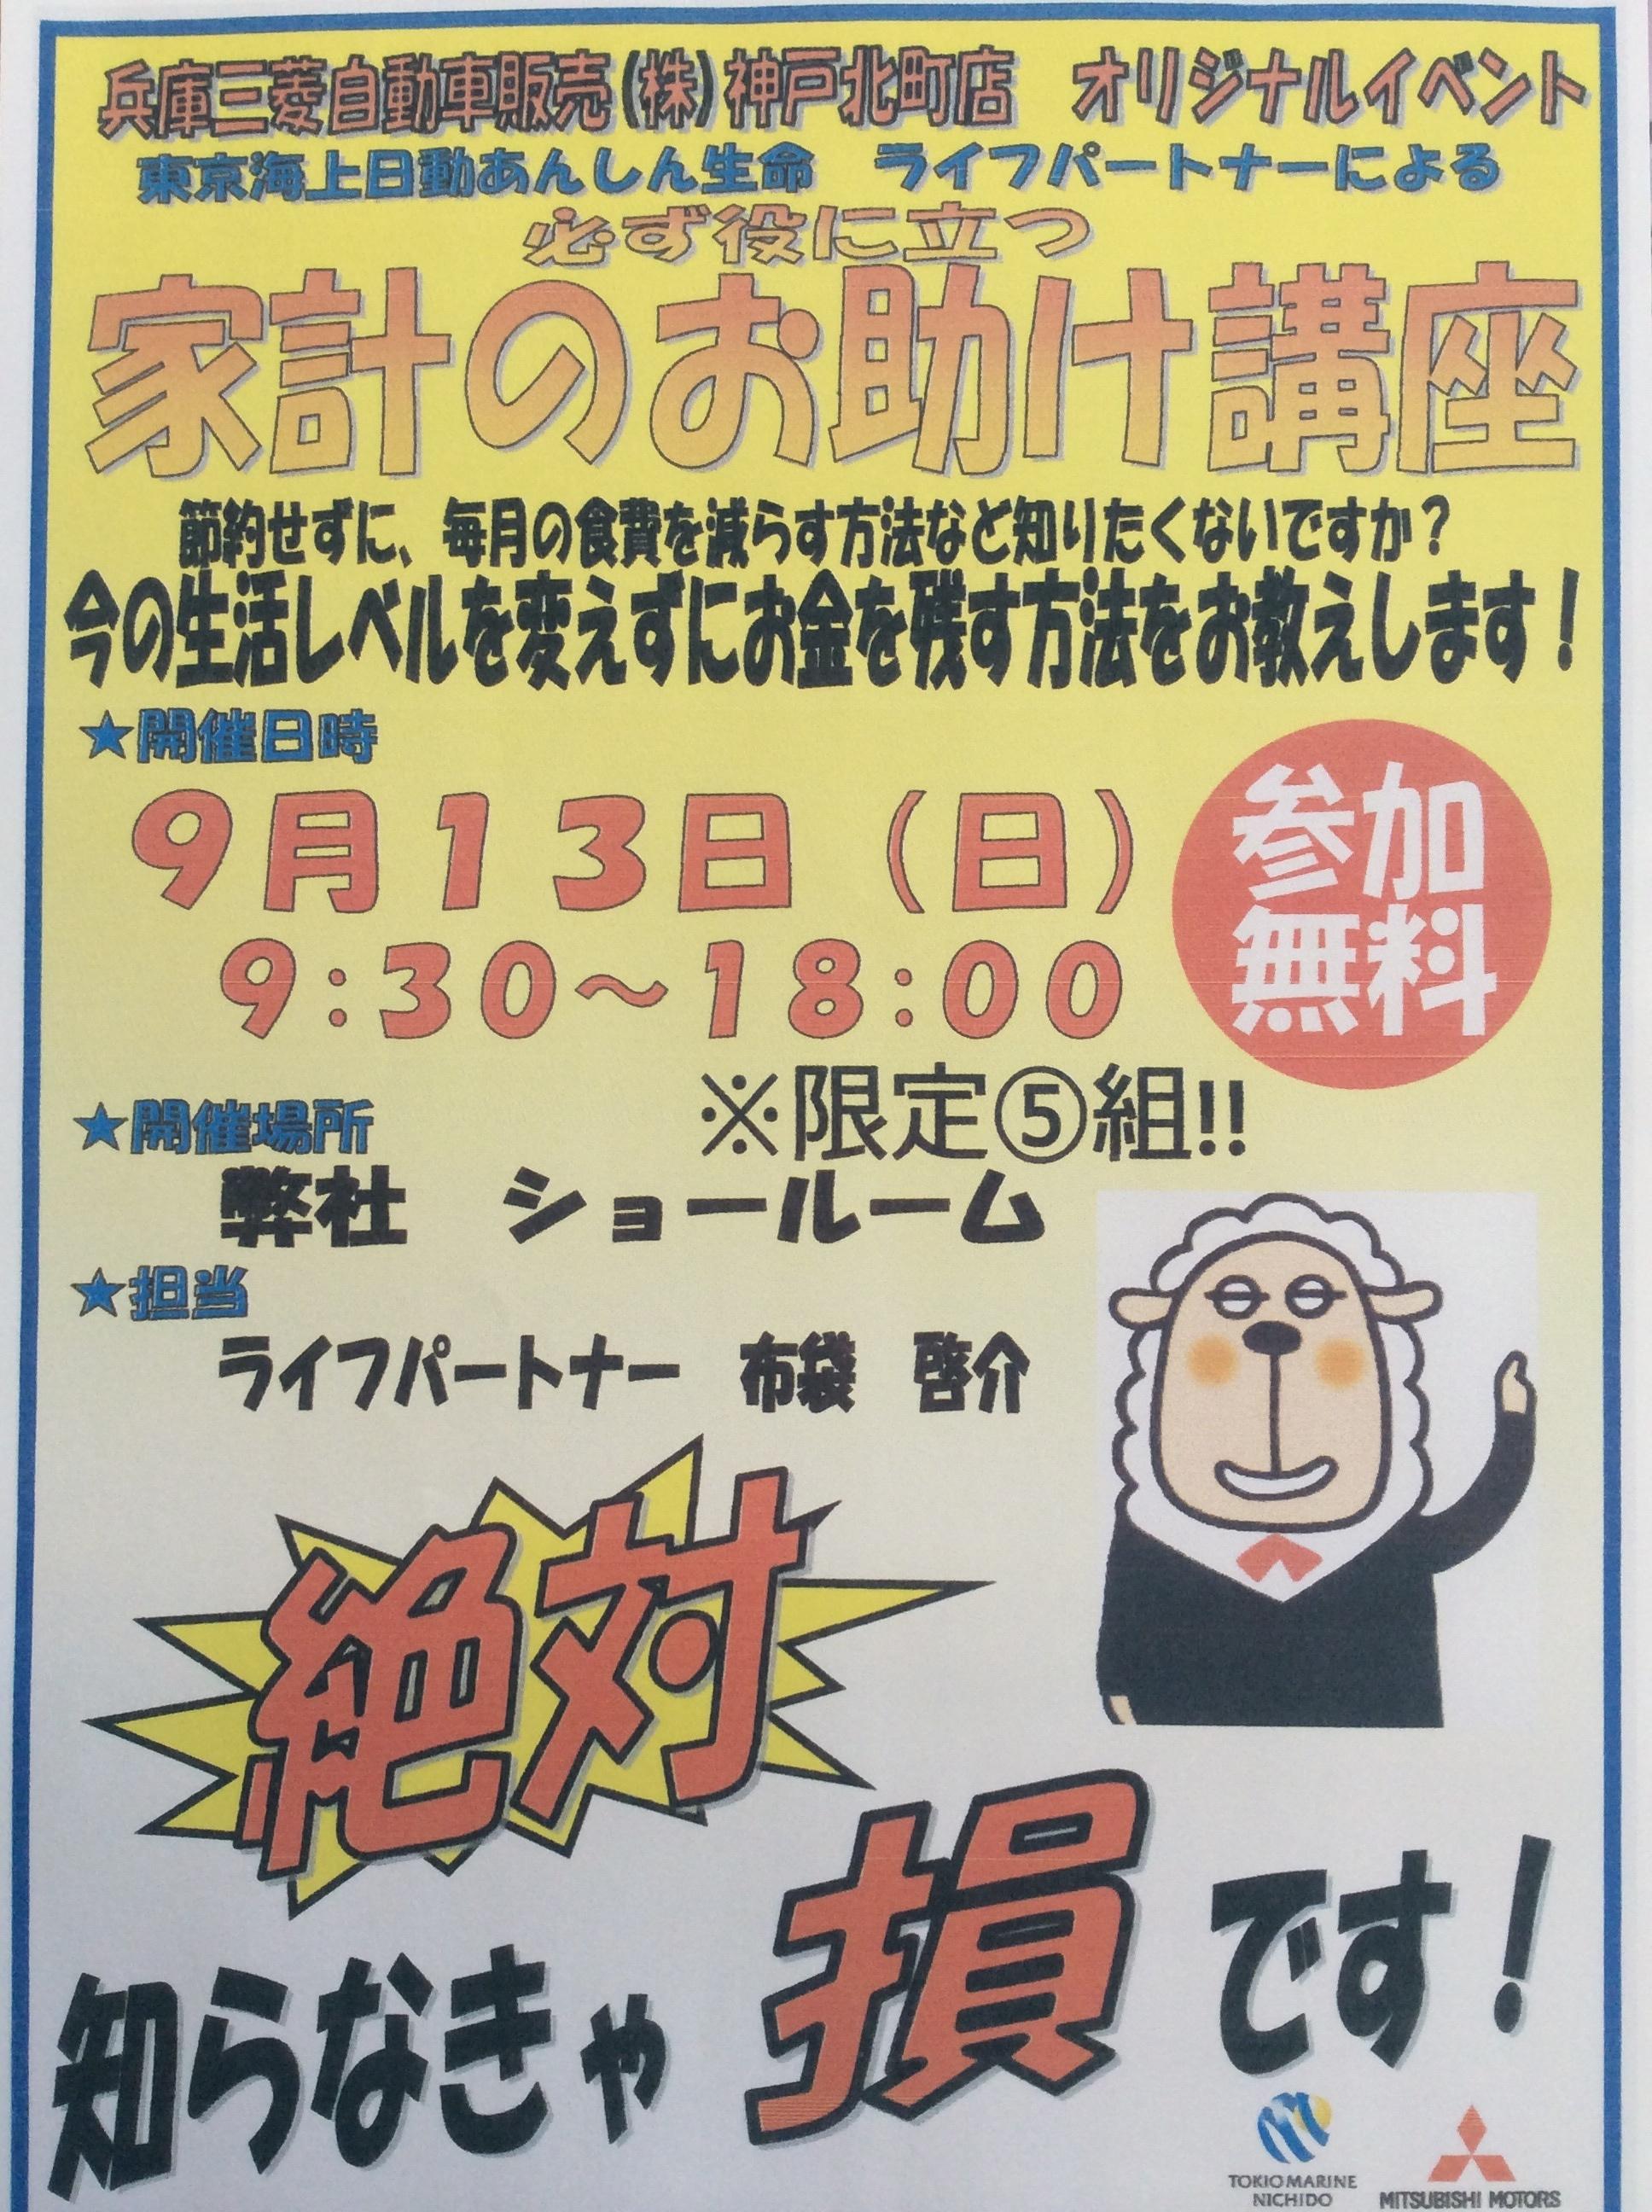 http://www.hyogo-mitsubishi.com/shop/kobekitamachi/files/d27b2960a38fc83e1e3fd1fa5cc7f6ce85be314f.jpg